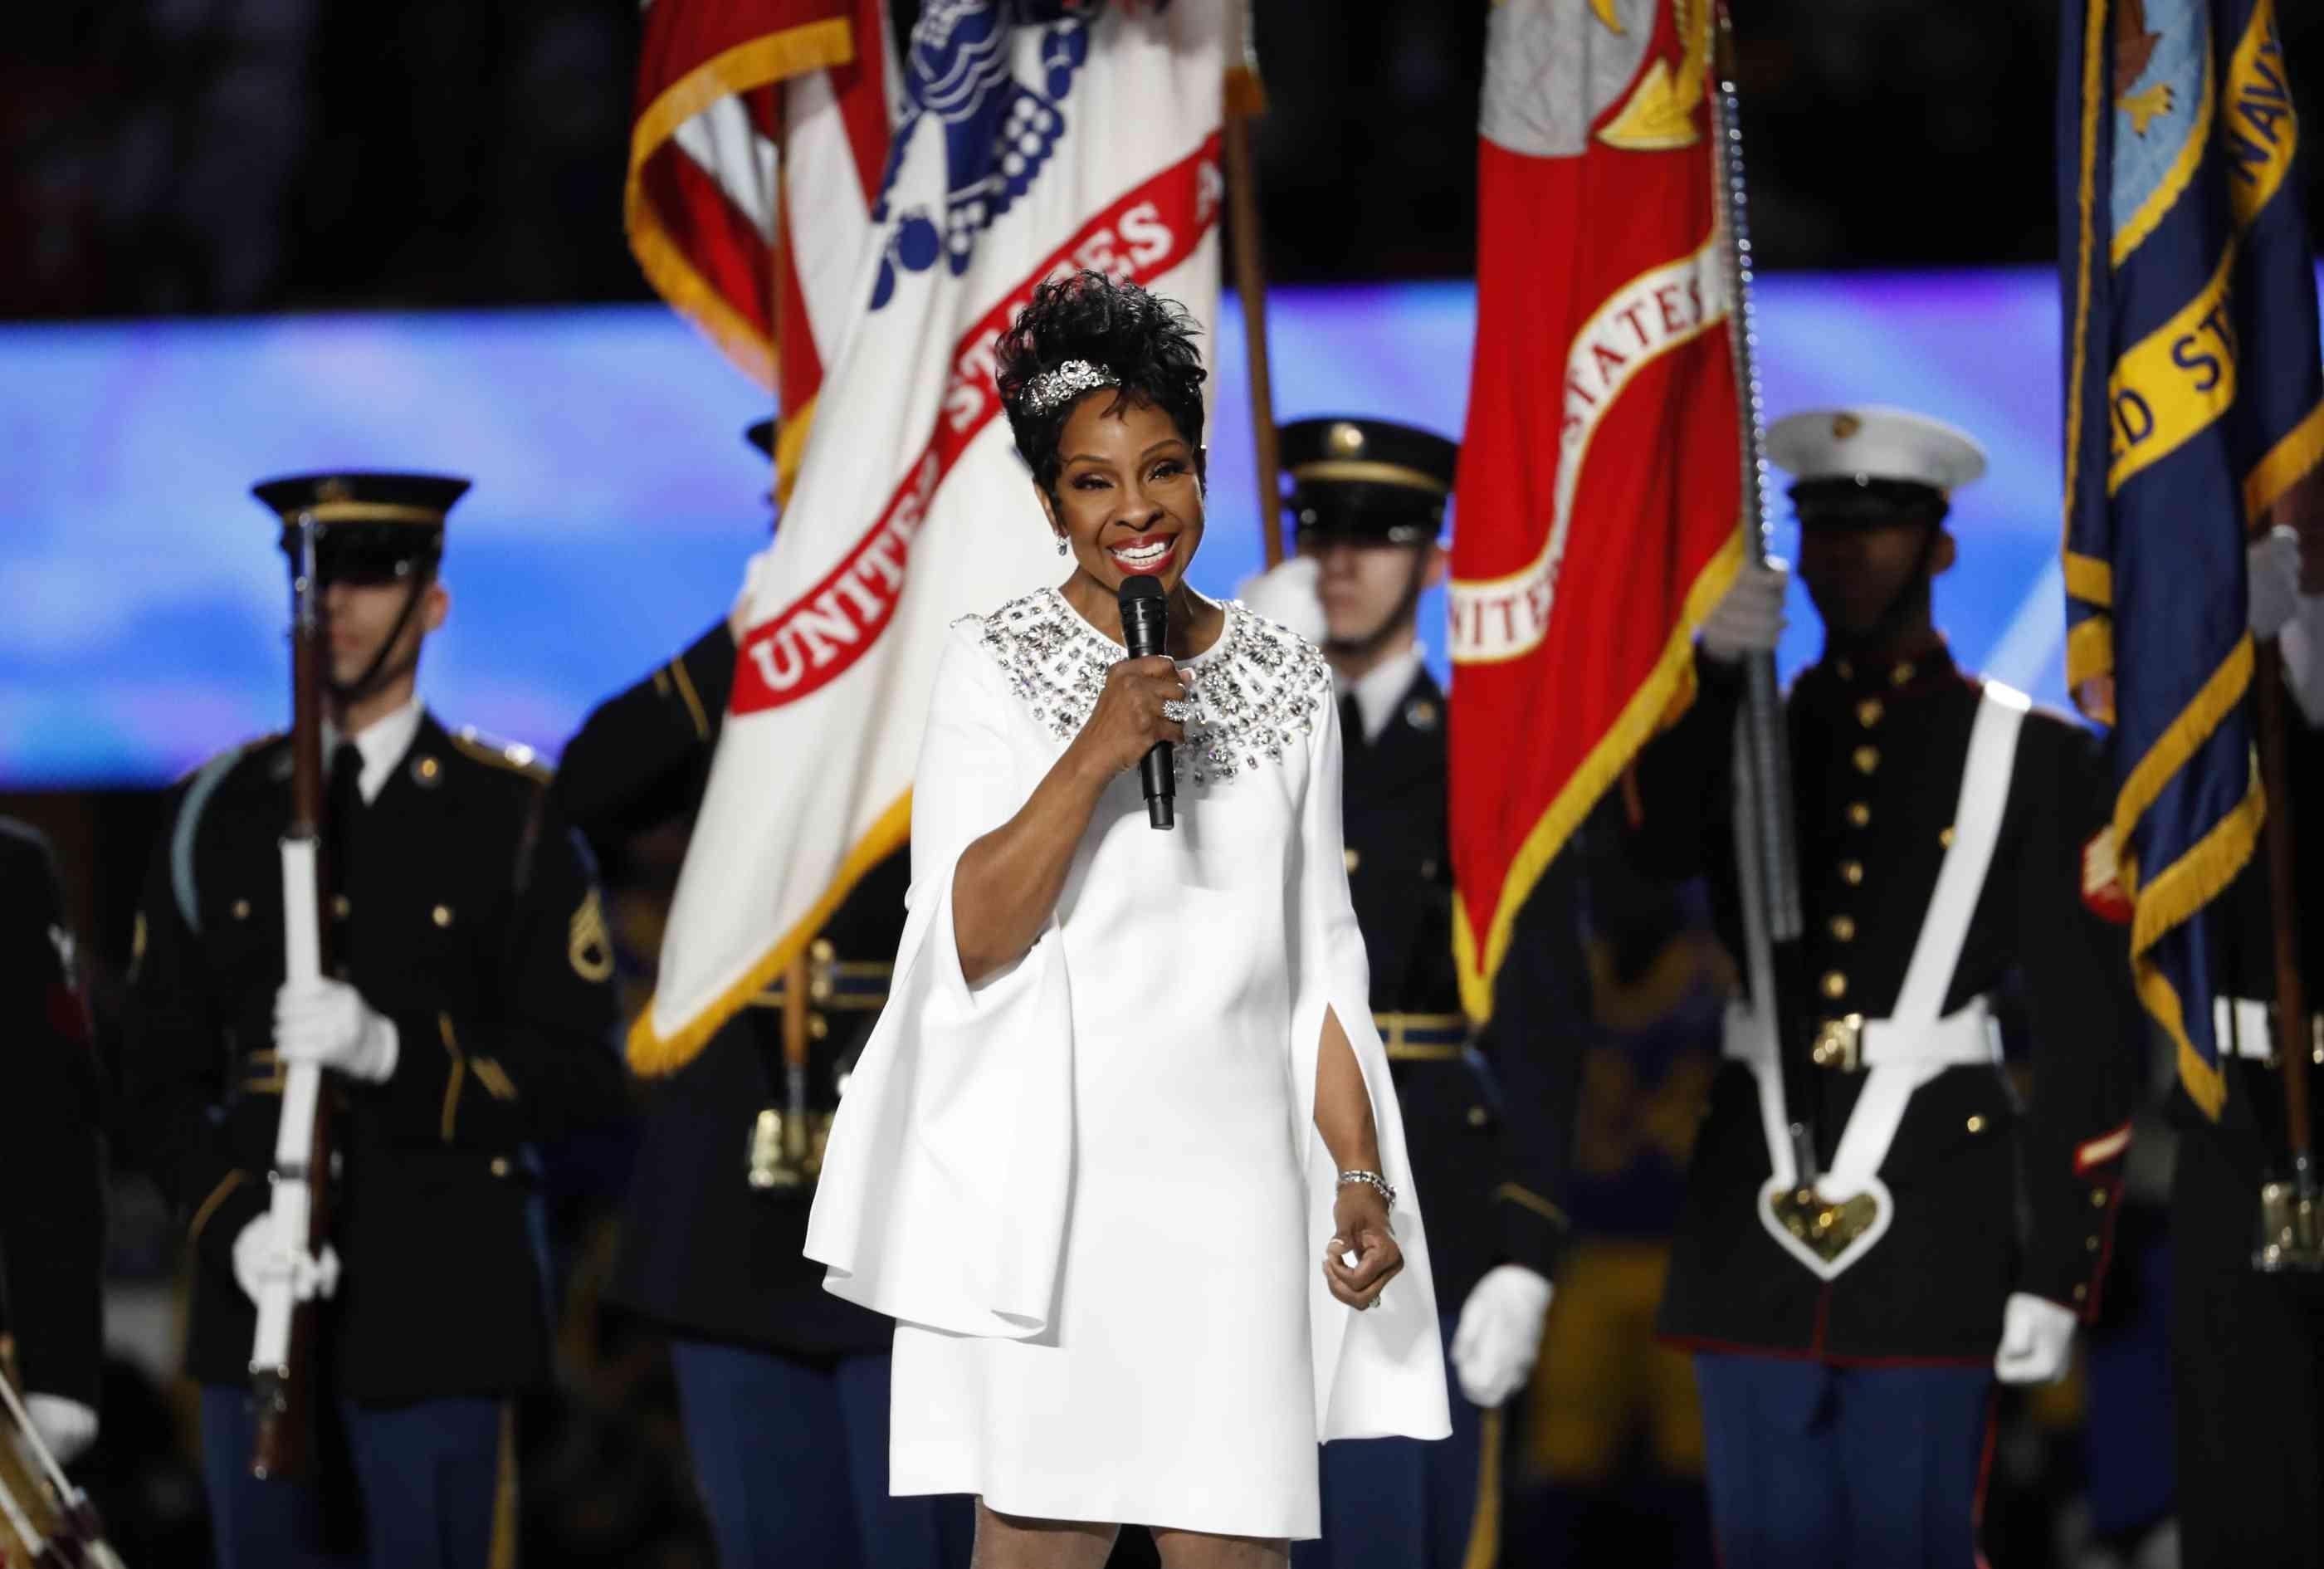 Super Bowl 2019: Gladys Knight Singt Die Nationalhymne In regarding Gladys Knight Super Bowl 2019